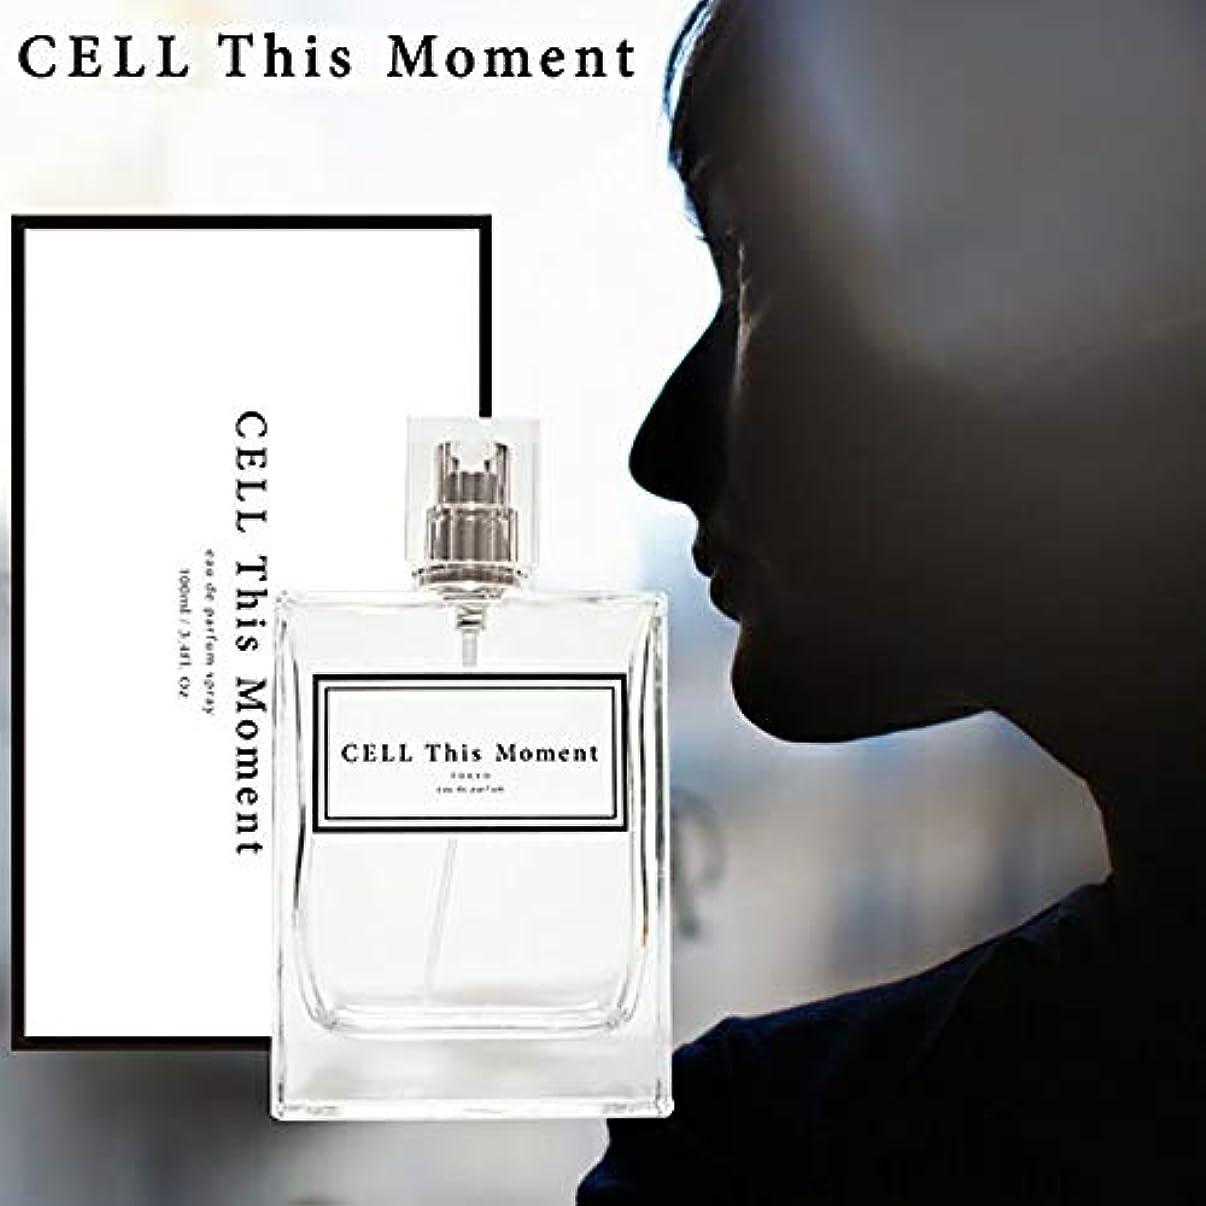 CELL This Moment セル ディス モーメント EDP SP 100ml [オードパルファム スプレー]